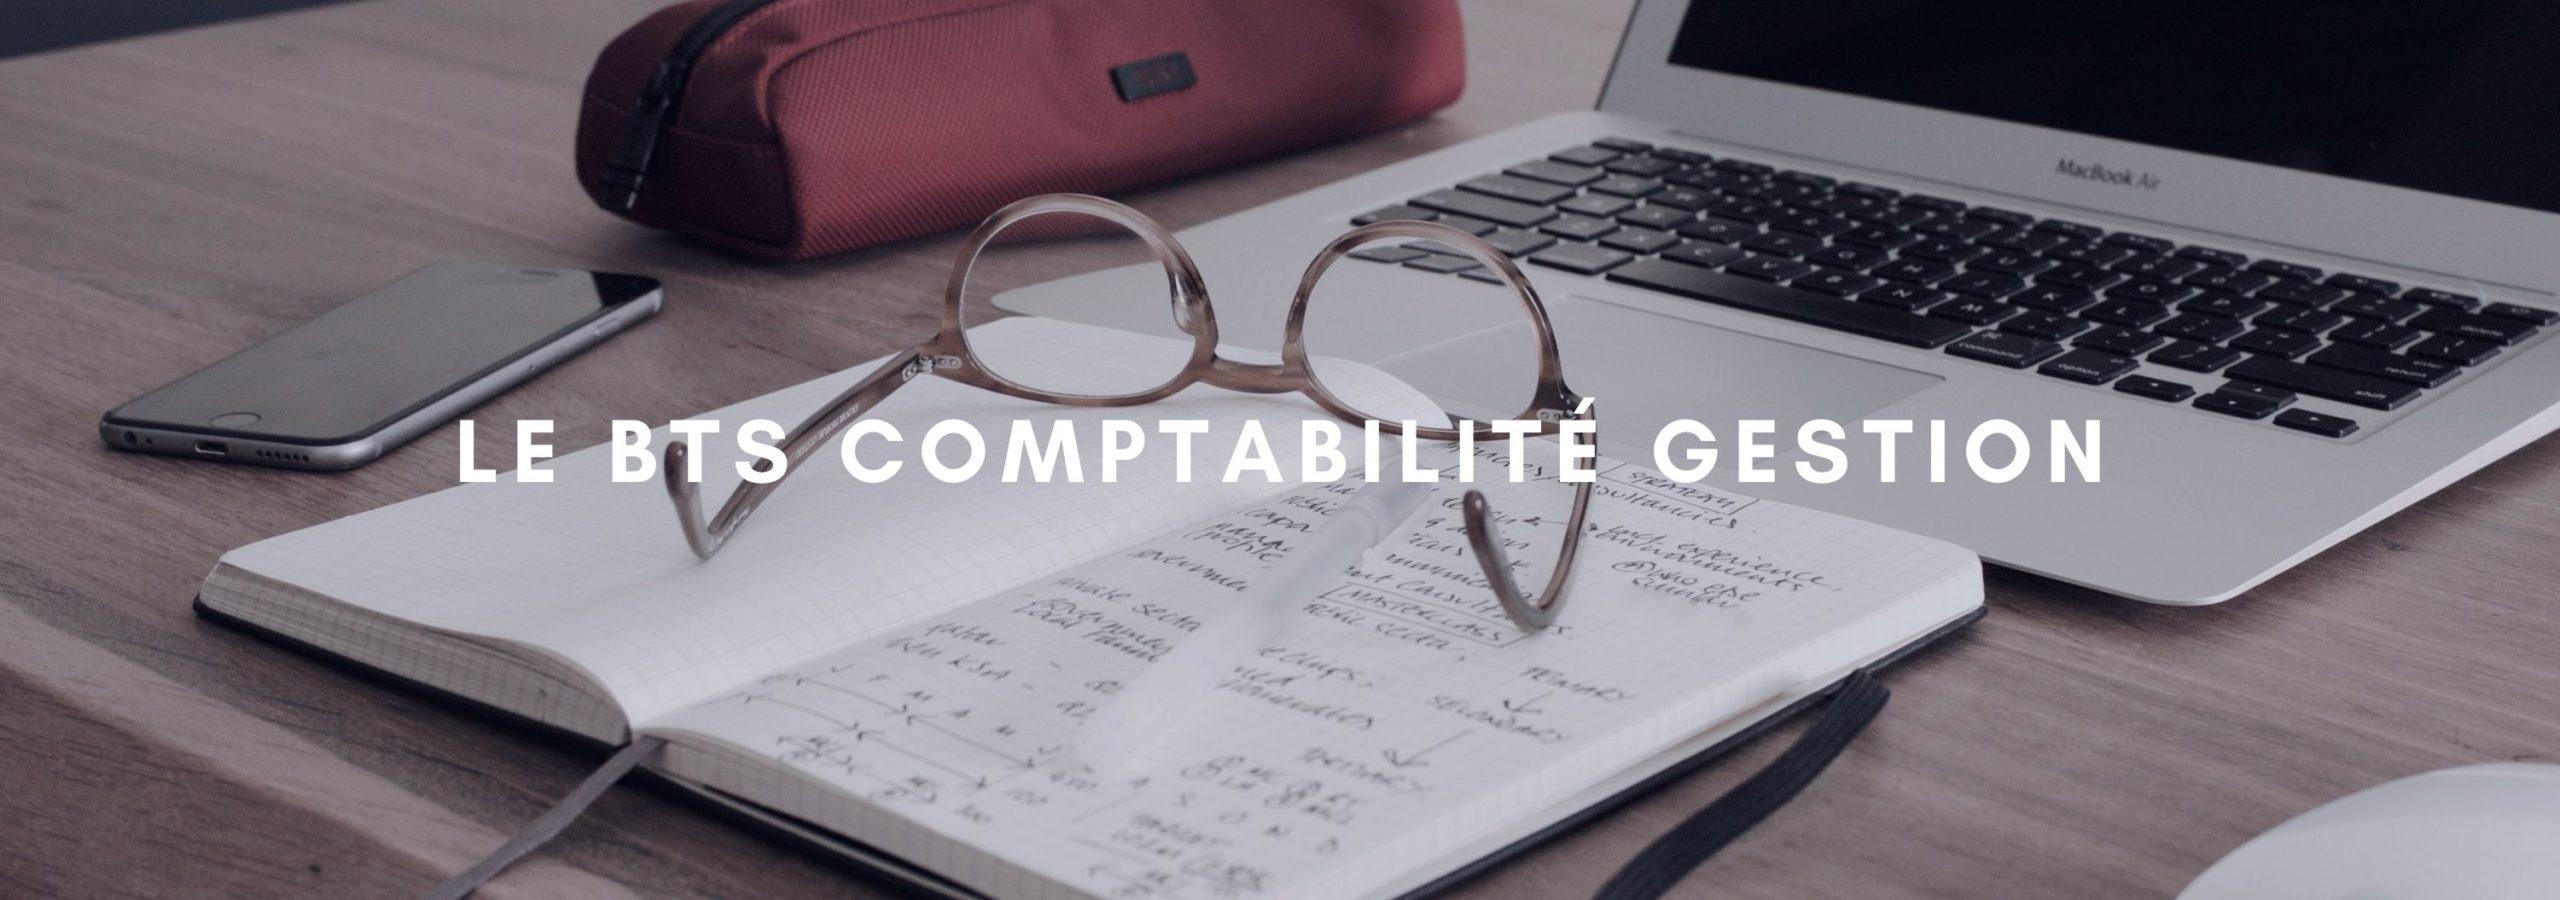 Le BTS Comptabilité Gestion